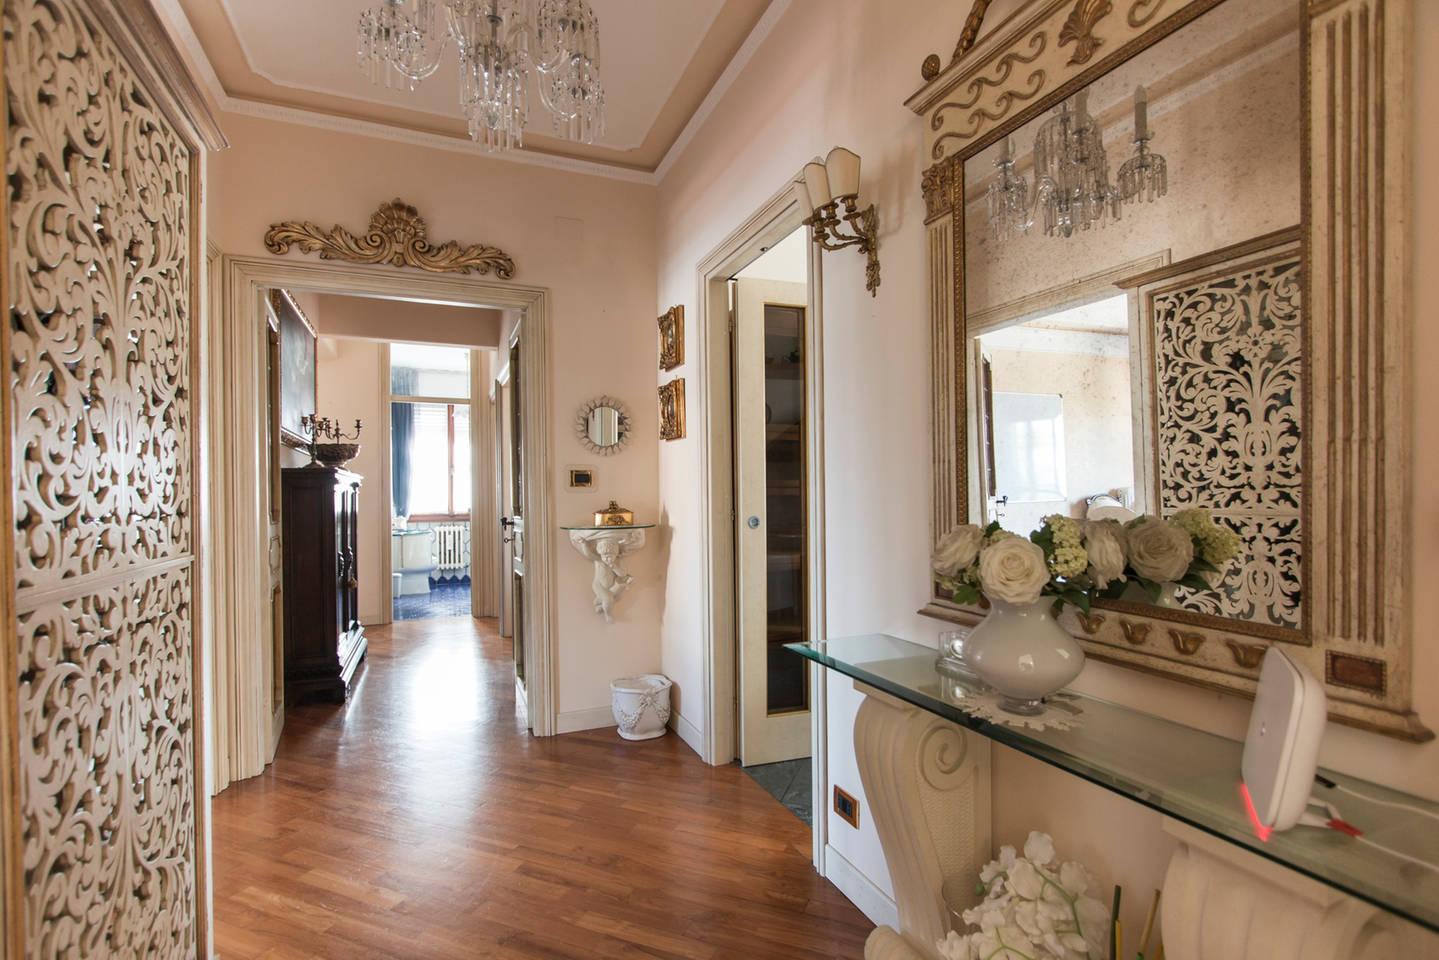 Affittasi camera in quadrilocale zona Pratale, Pisa.